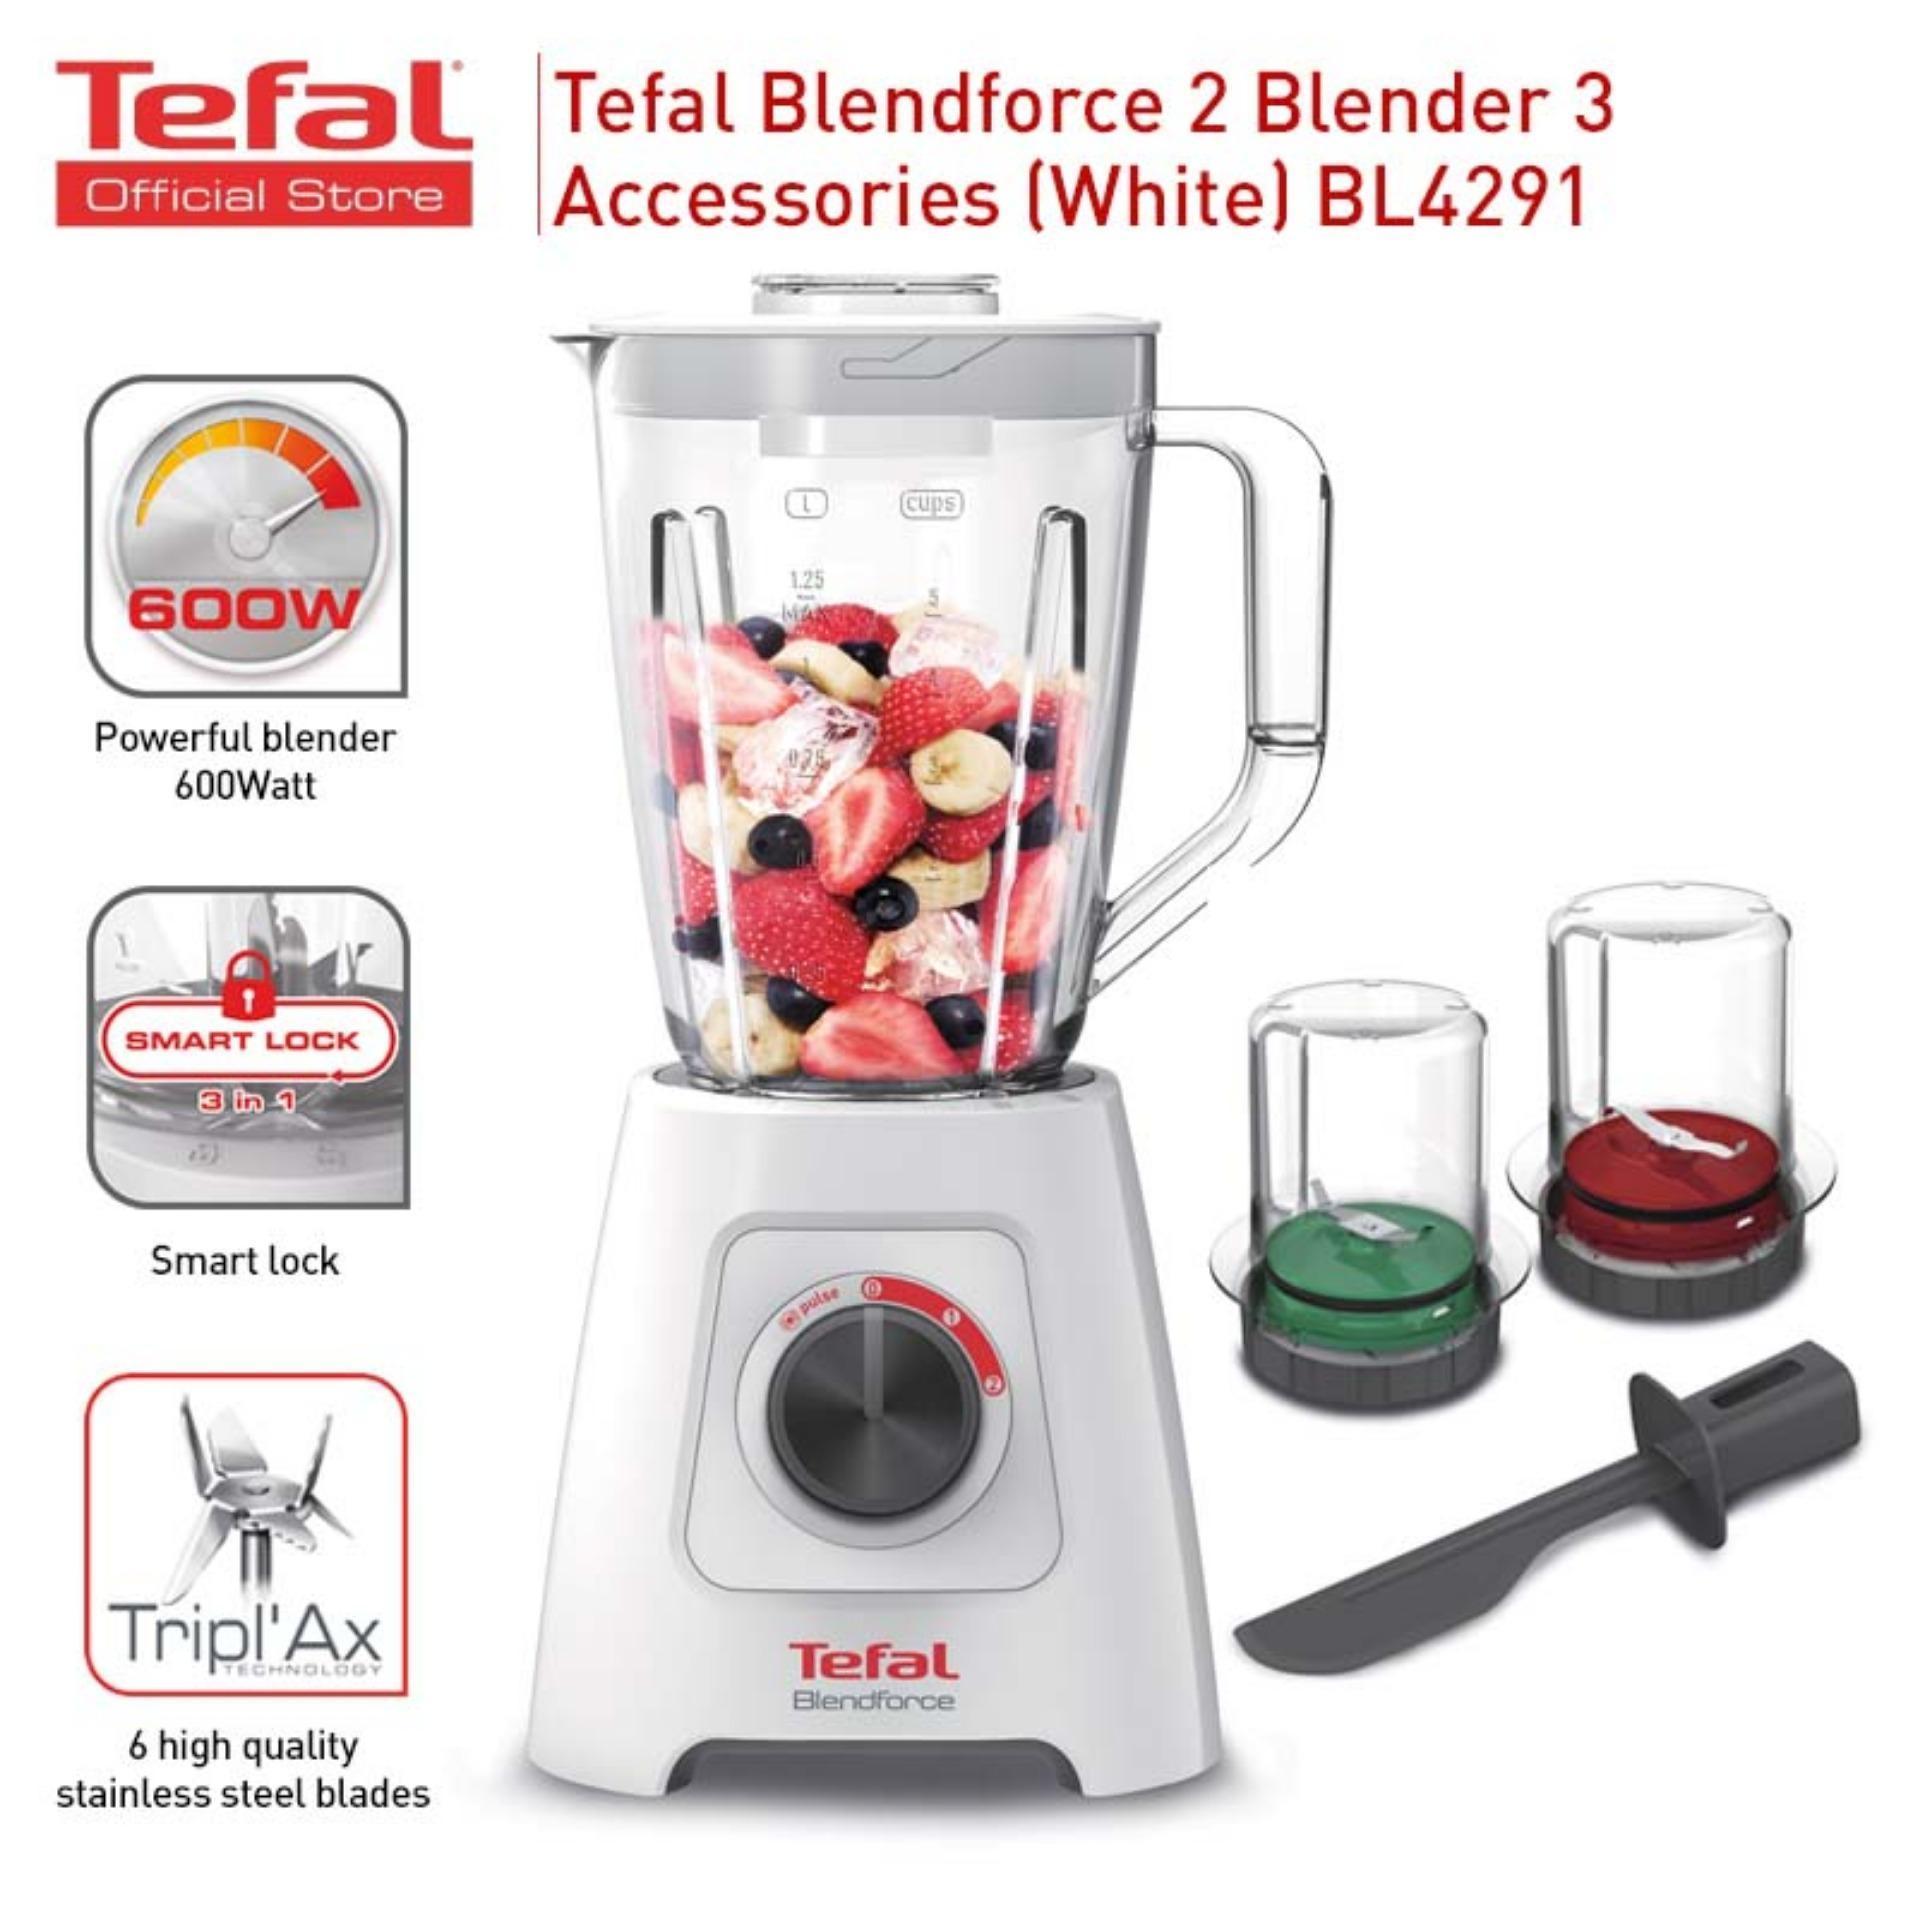 Tefal Blendforce 2 Blender 3 Accessories